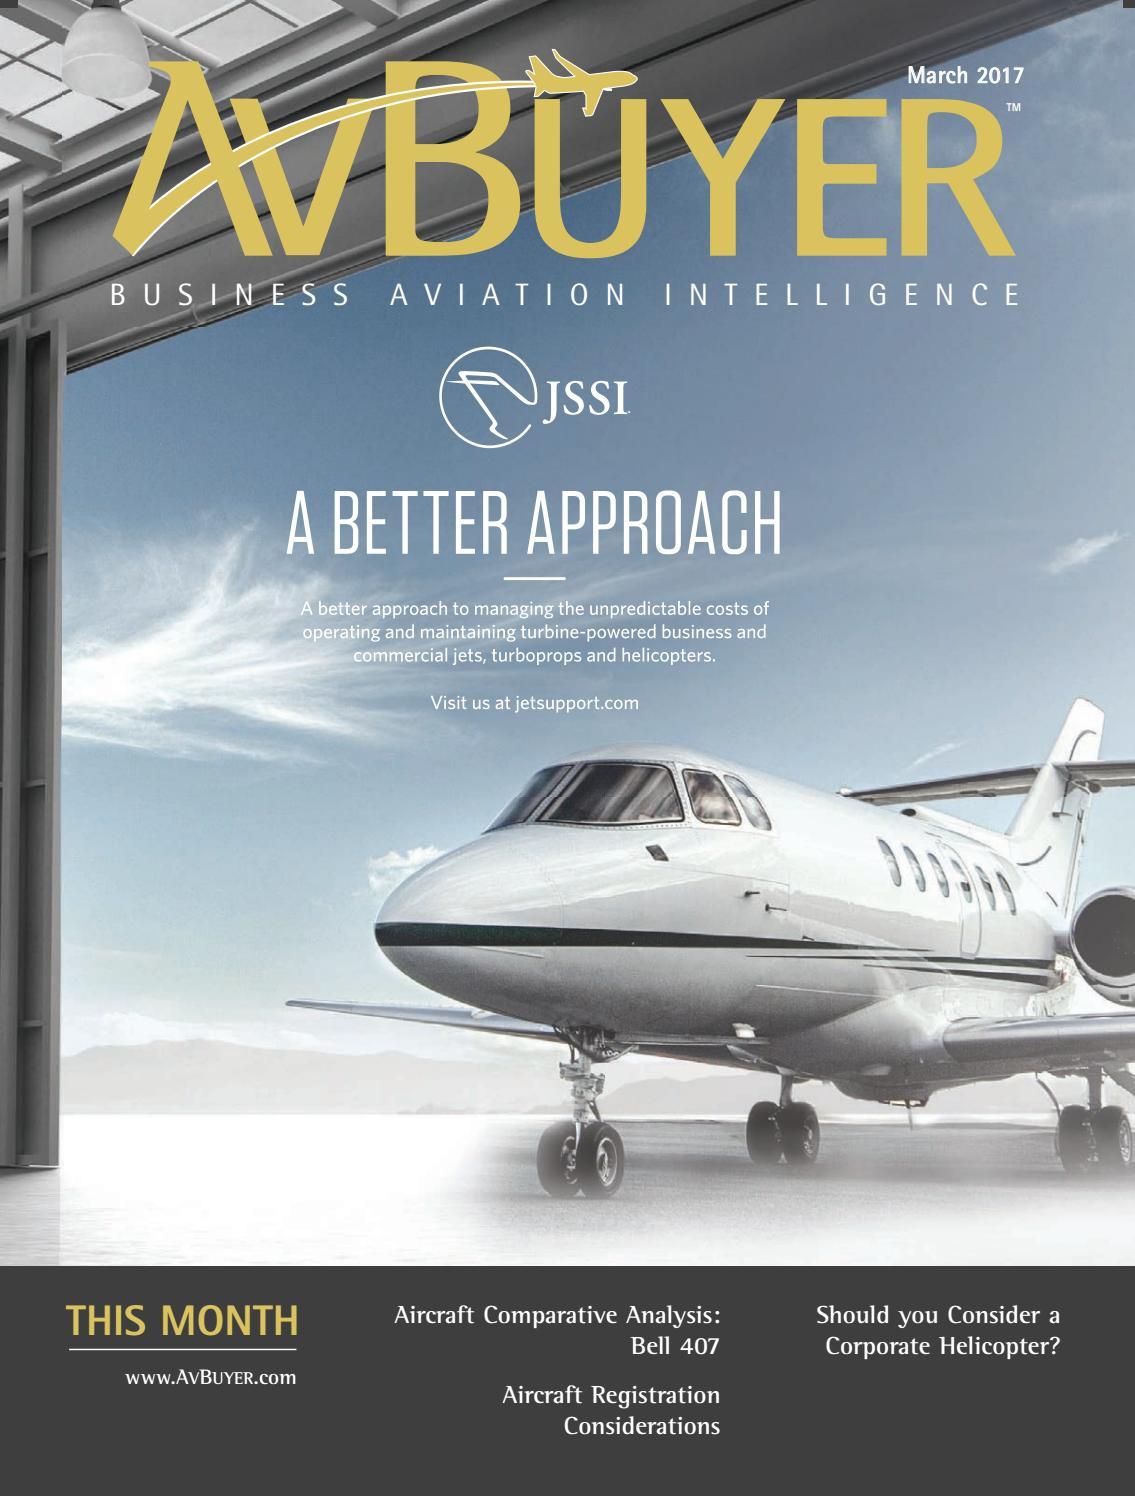 AvBuyer Magazine March 2017 by AvBuyer Ltd. - issuu